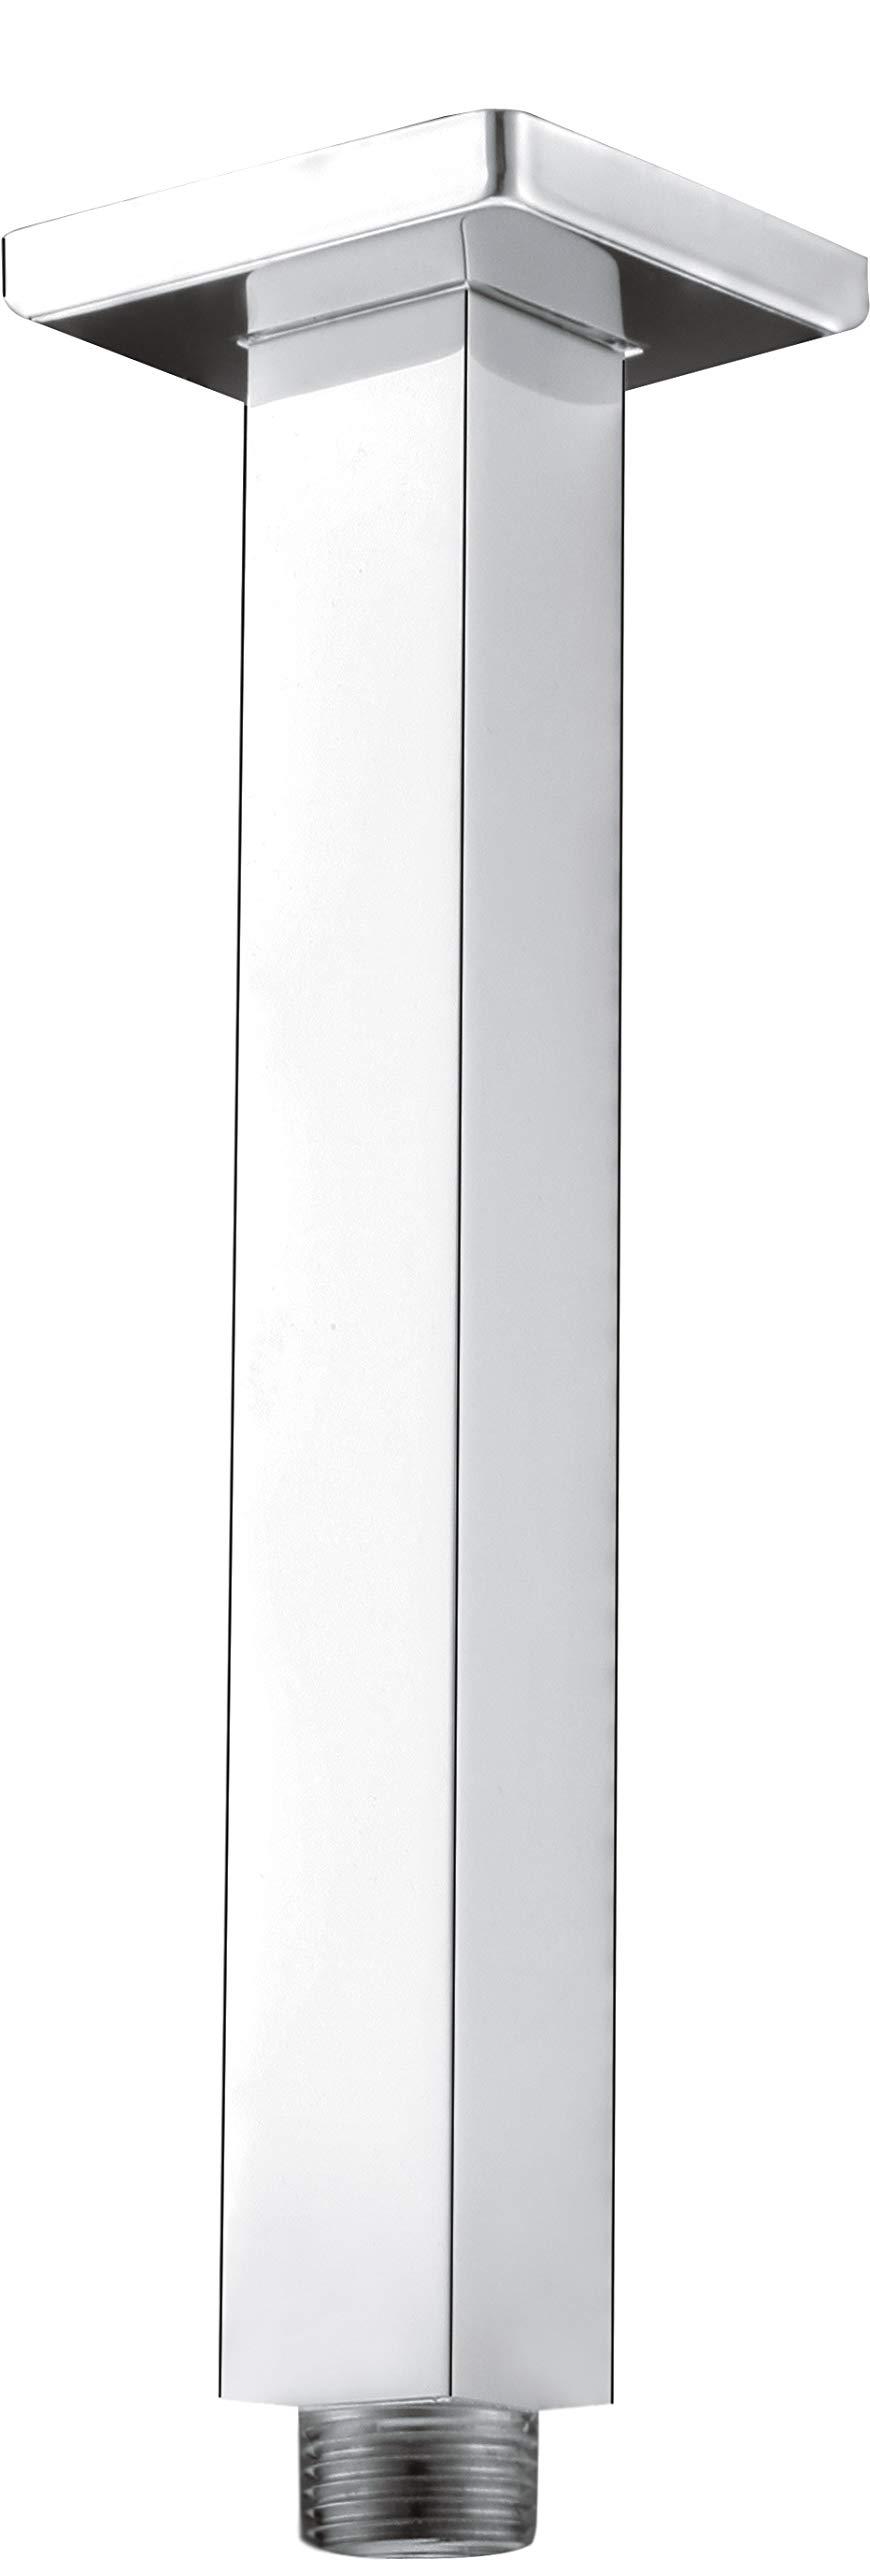 Spa Wellness Shower A203 Head Shower Ceiling Arm E3